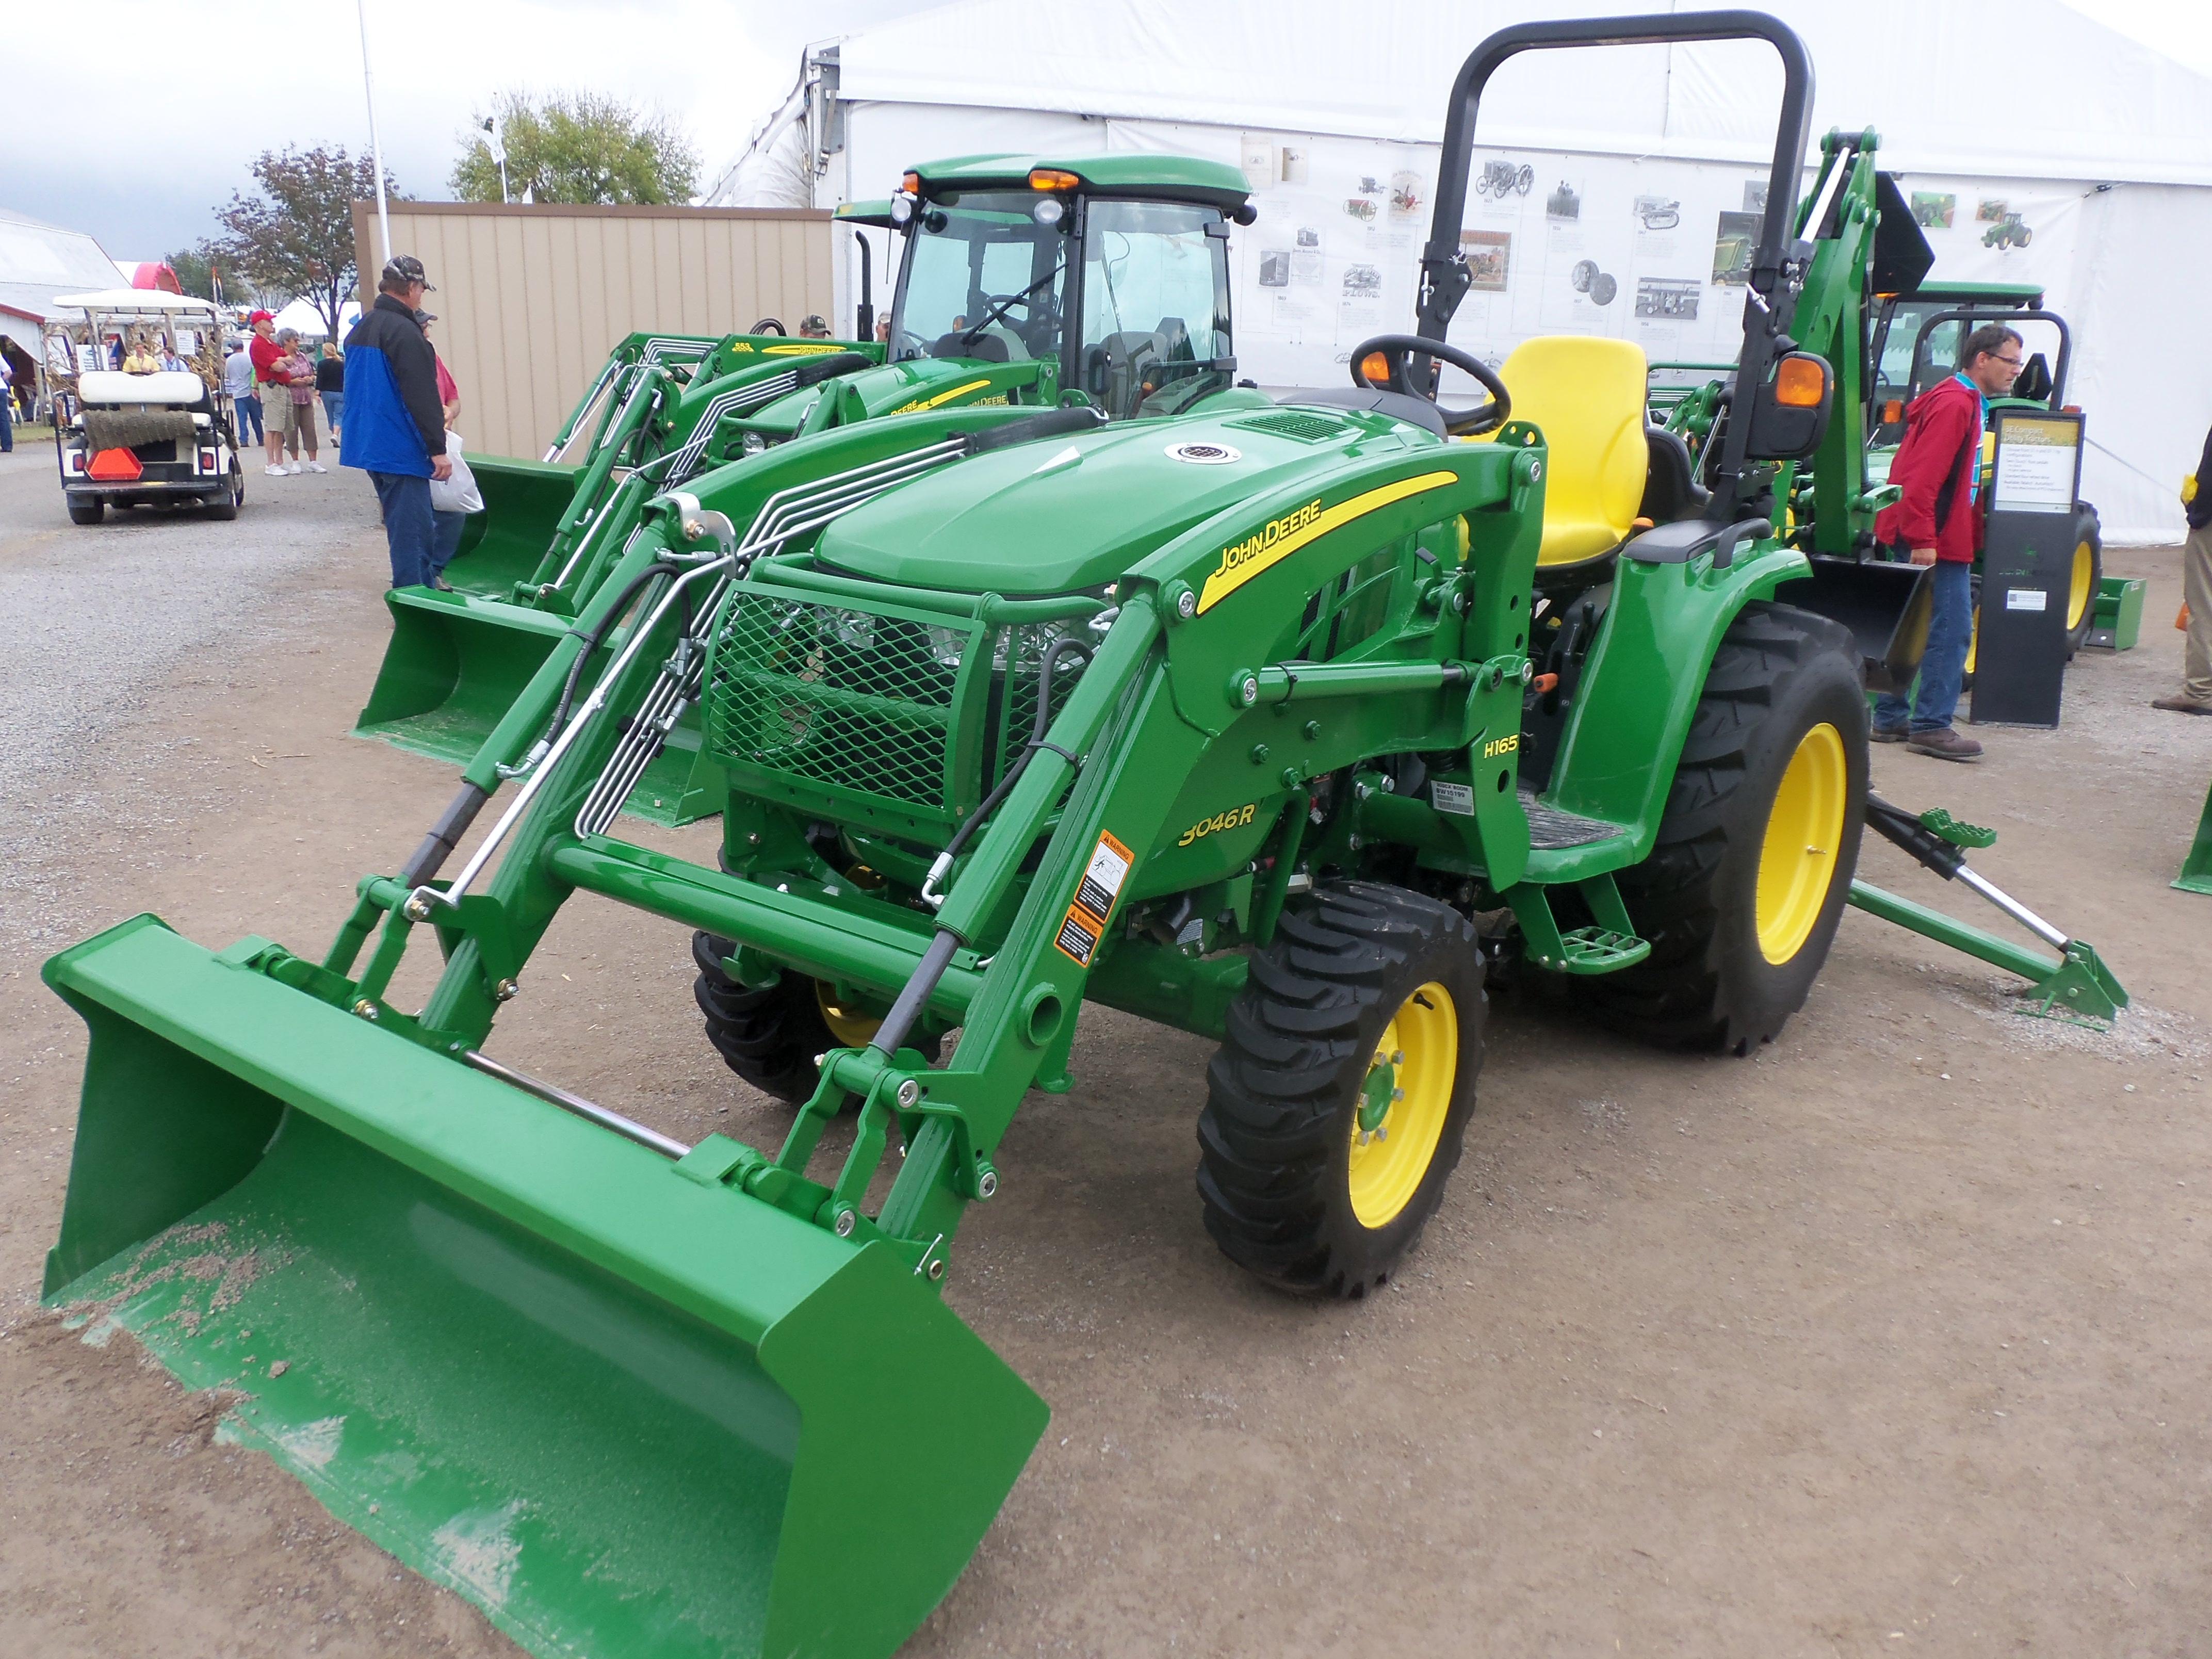 John Deere 3046R with H165 loader | John Deere equipment | Pinterest